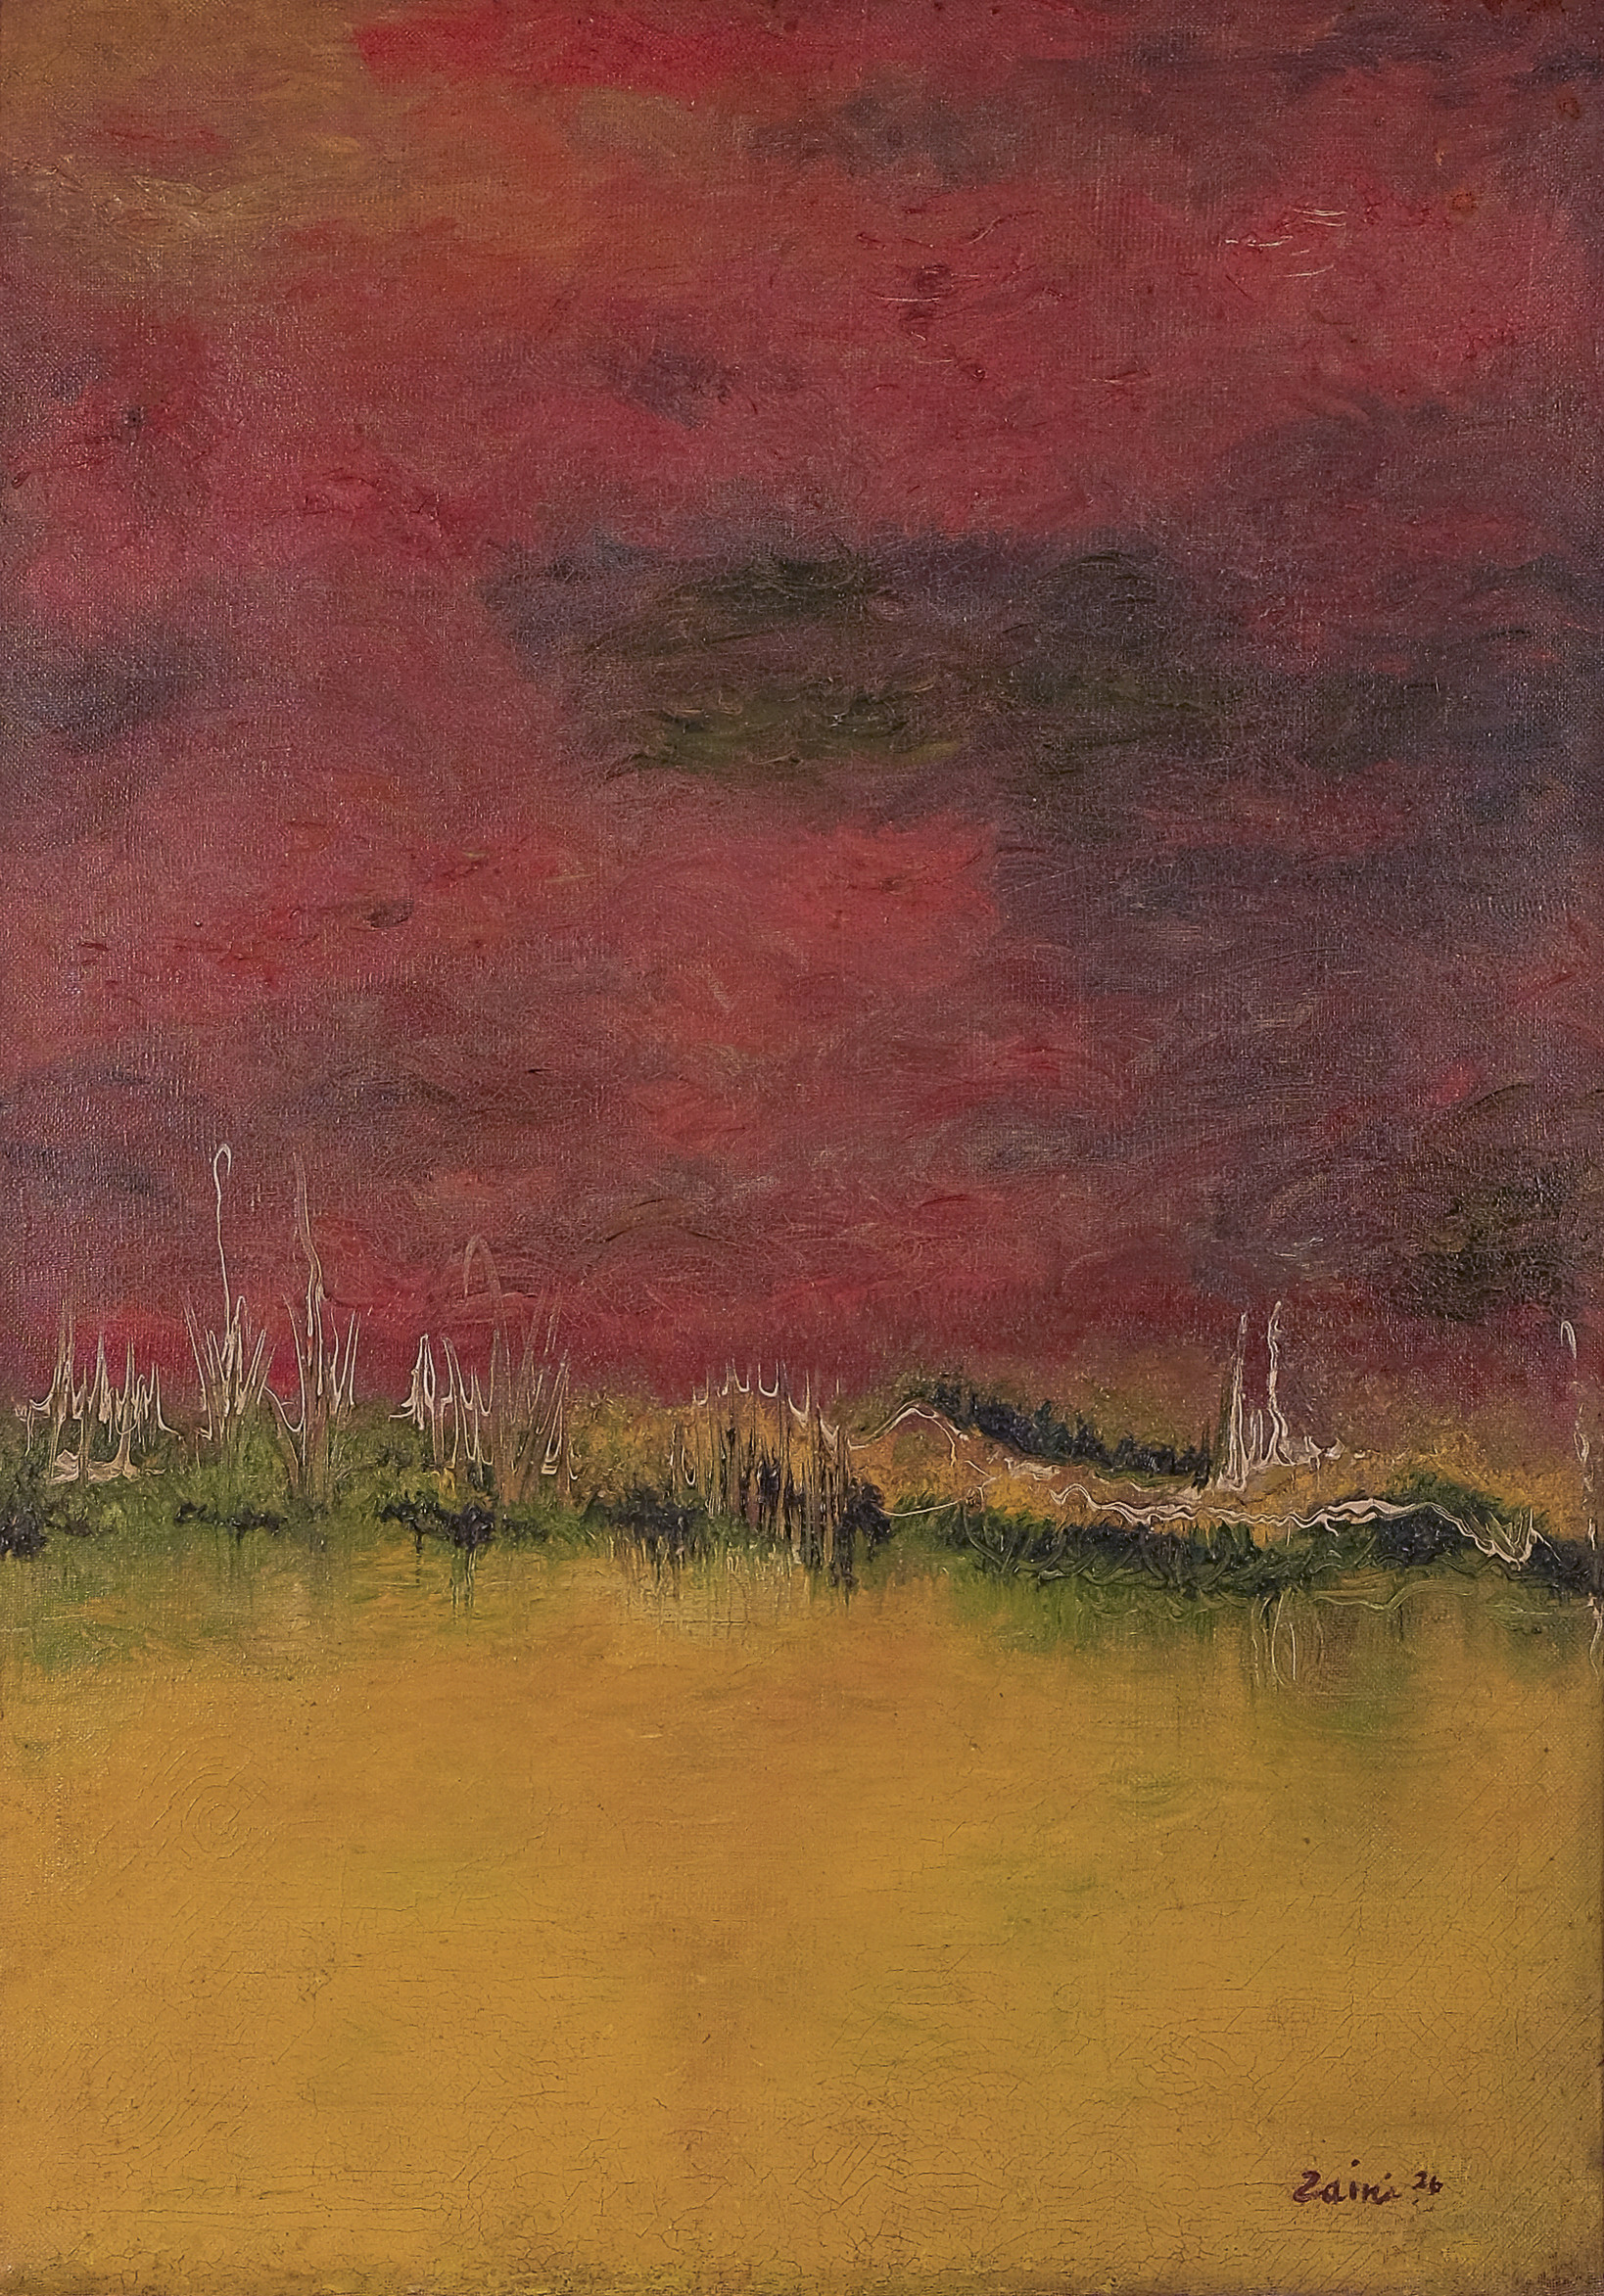 Zaini, Langit Merah (Crimson Sky), ooc, 70 x 50 cm, 1976.jpg